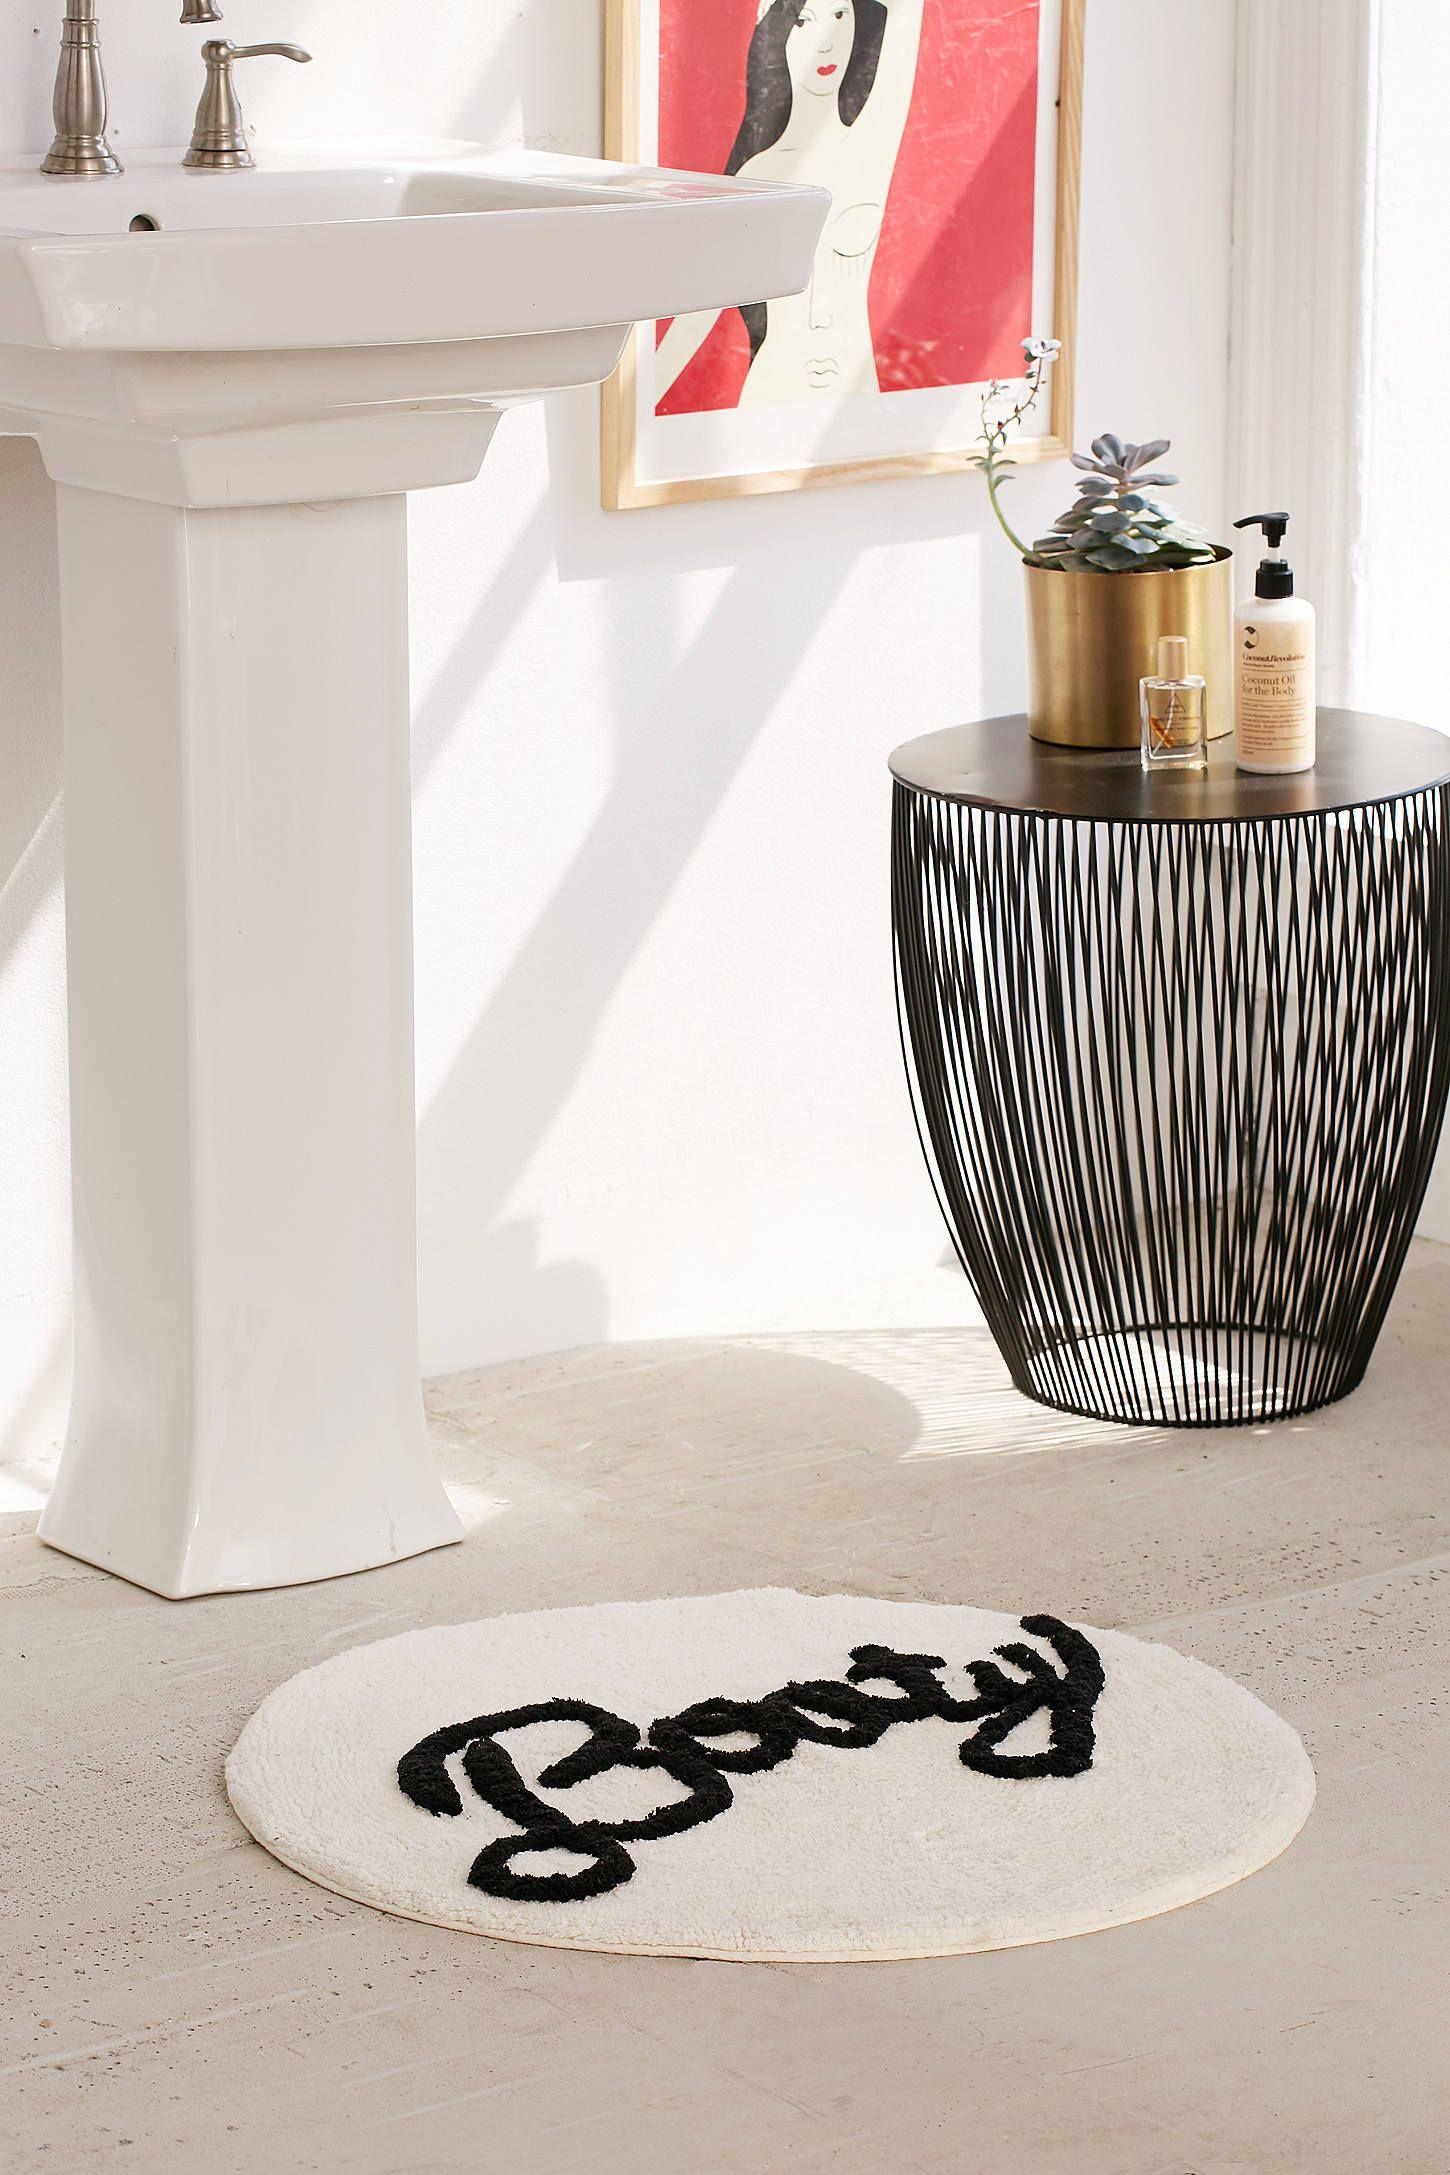 tapis rond salle de bain blanche acier - blog déco - clem around the corner